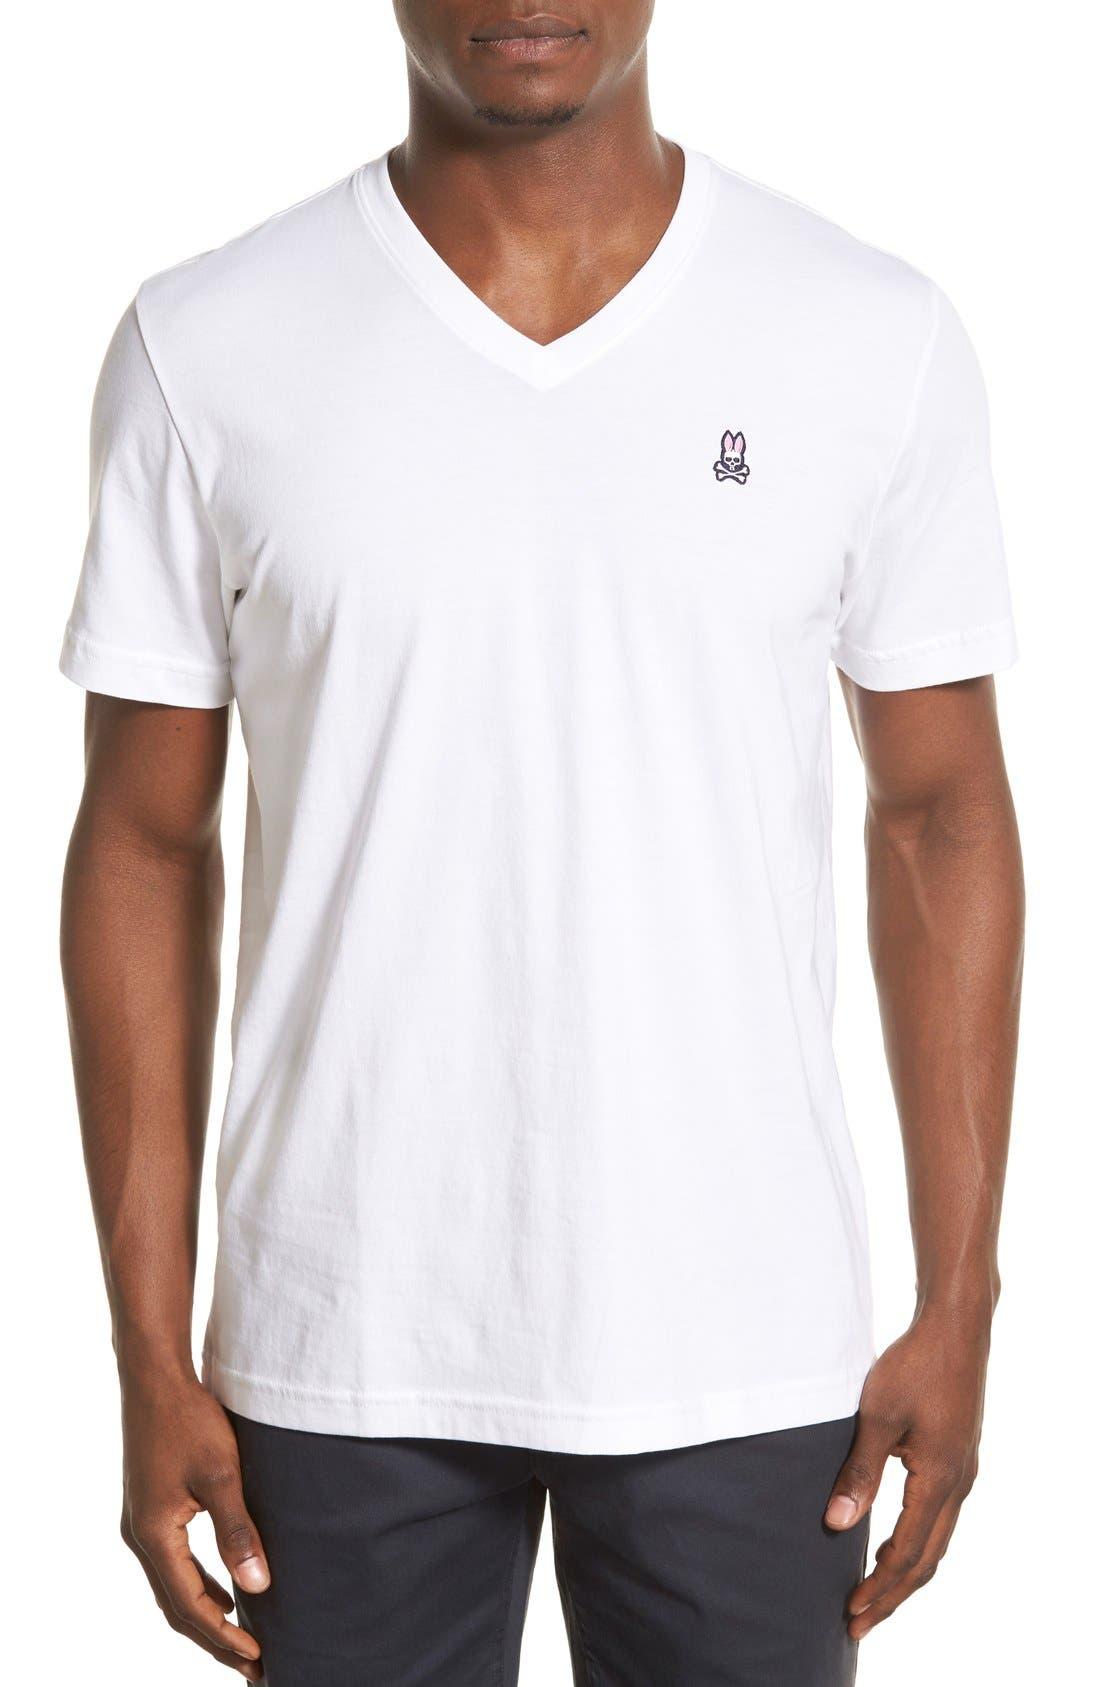 Main Image - Psycho Bunny Classic Pima Cotton V-Neck T-Shirt